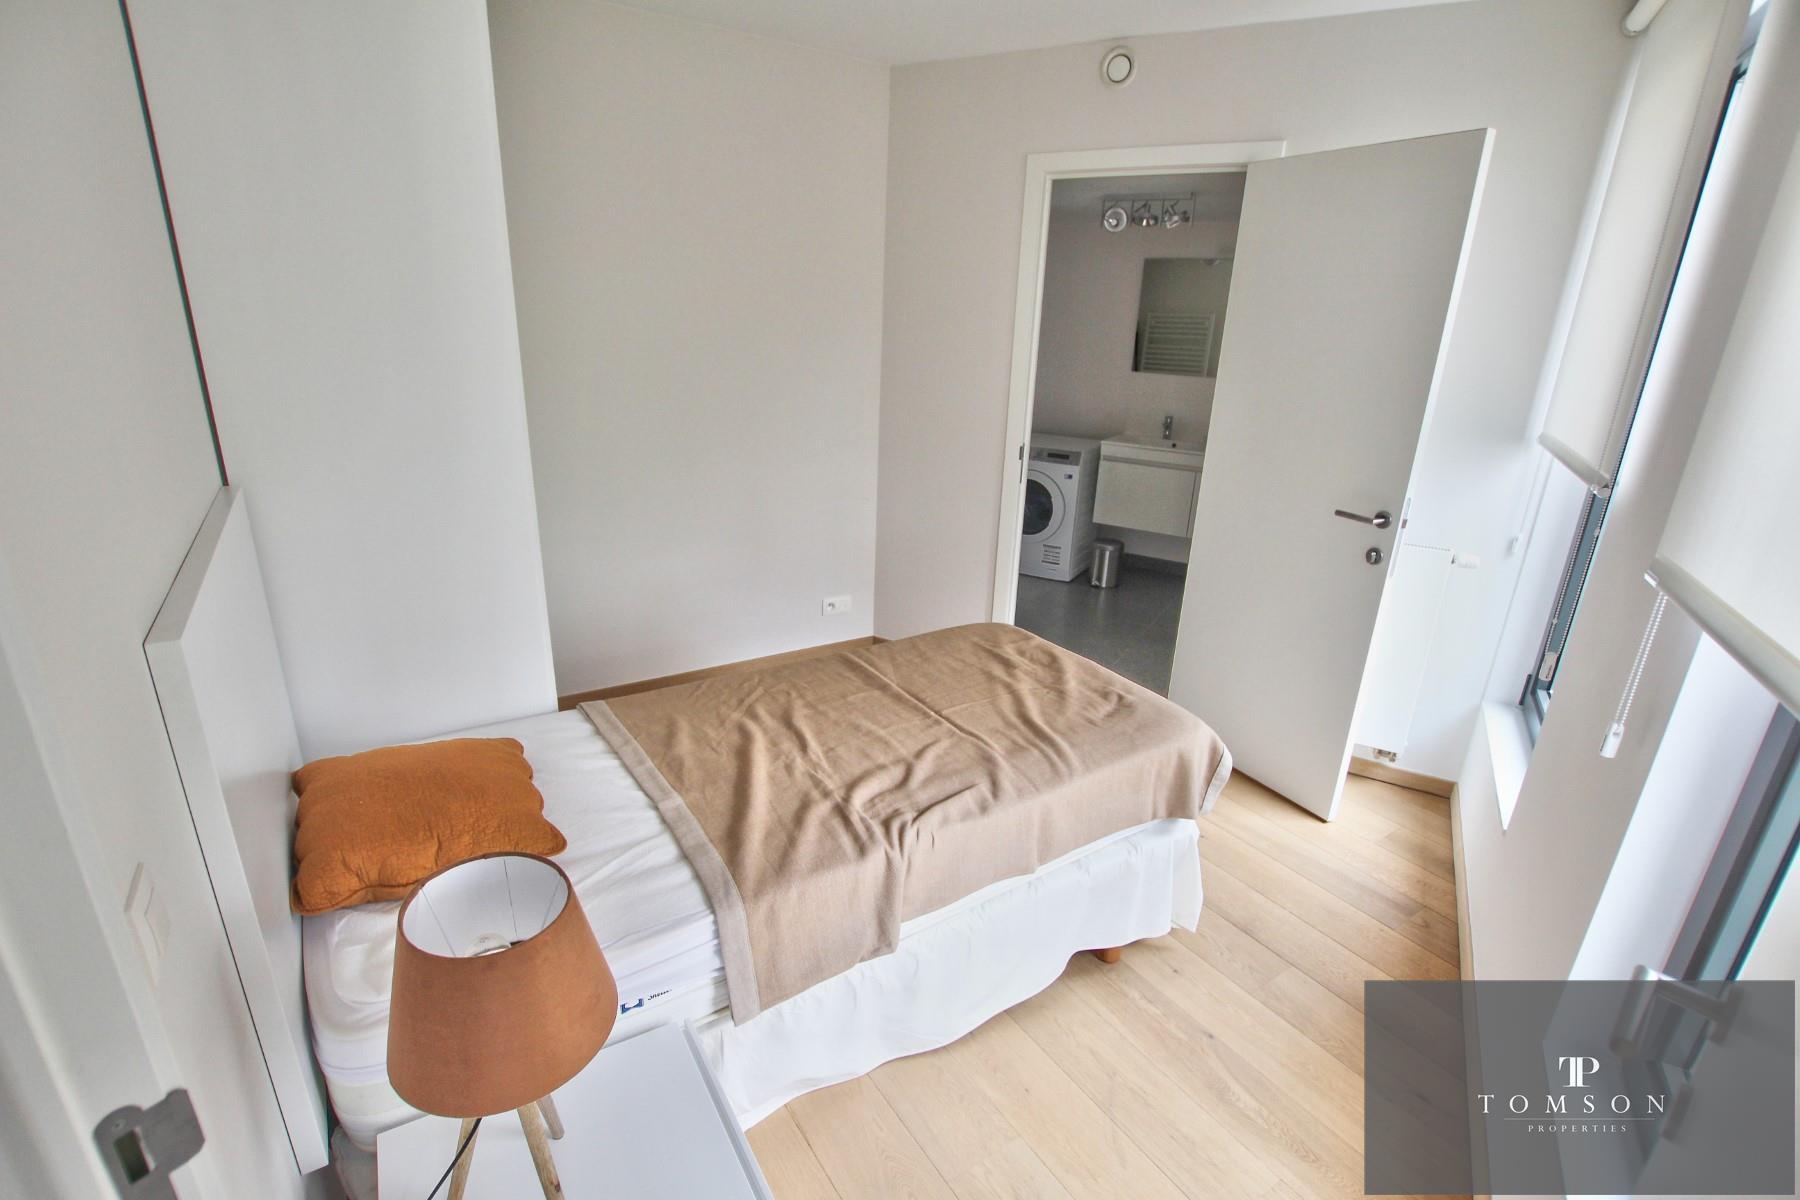 Flat - Ixelles - #4092287-3